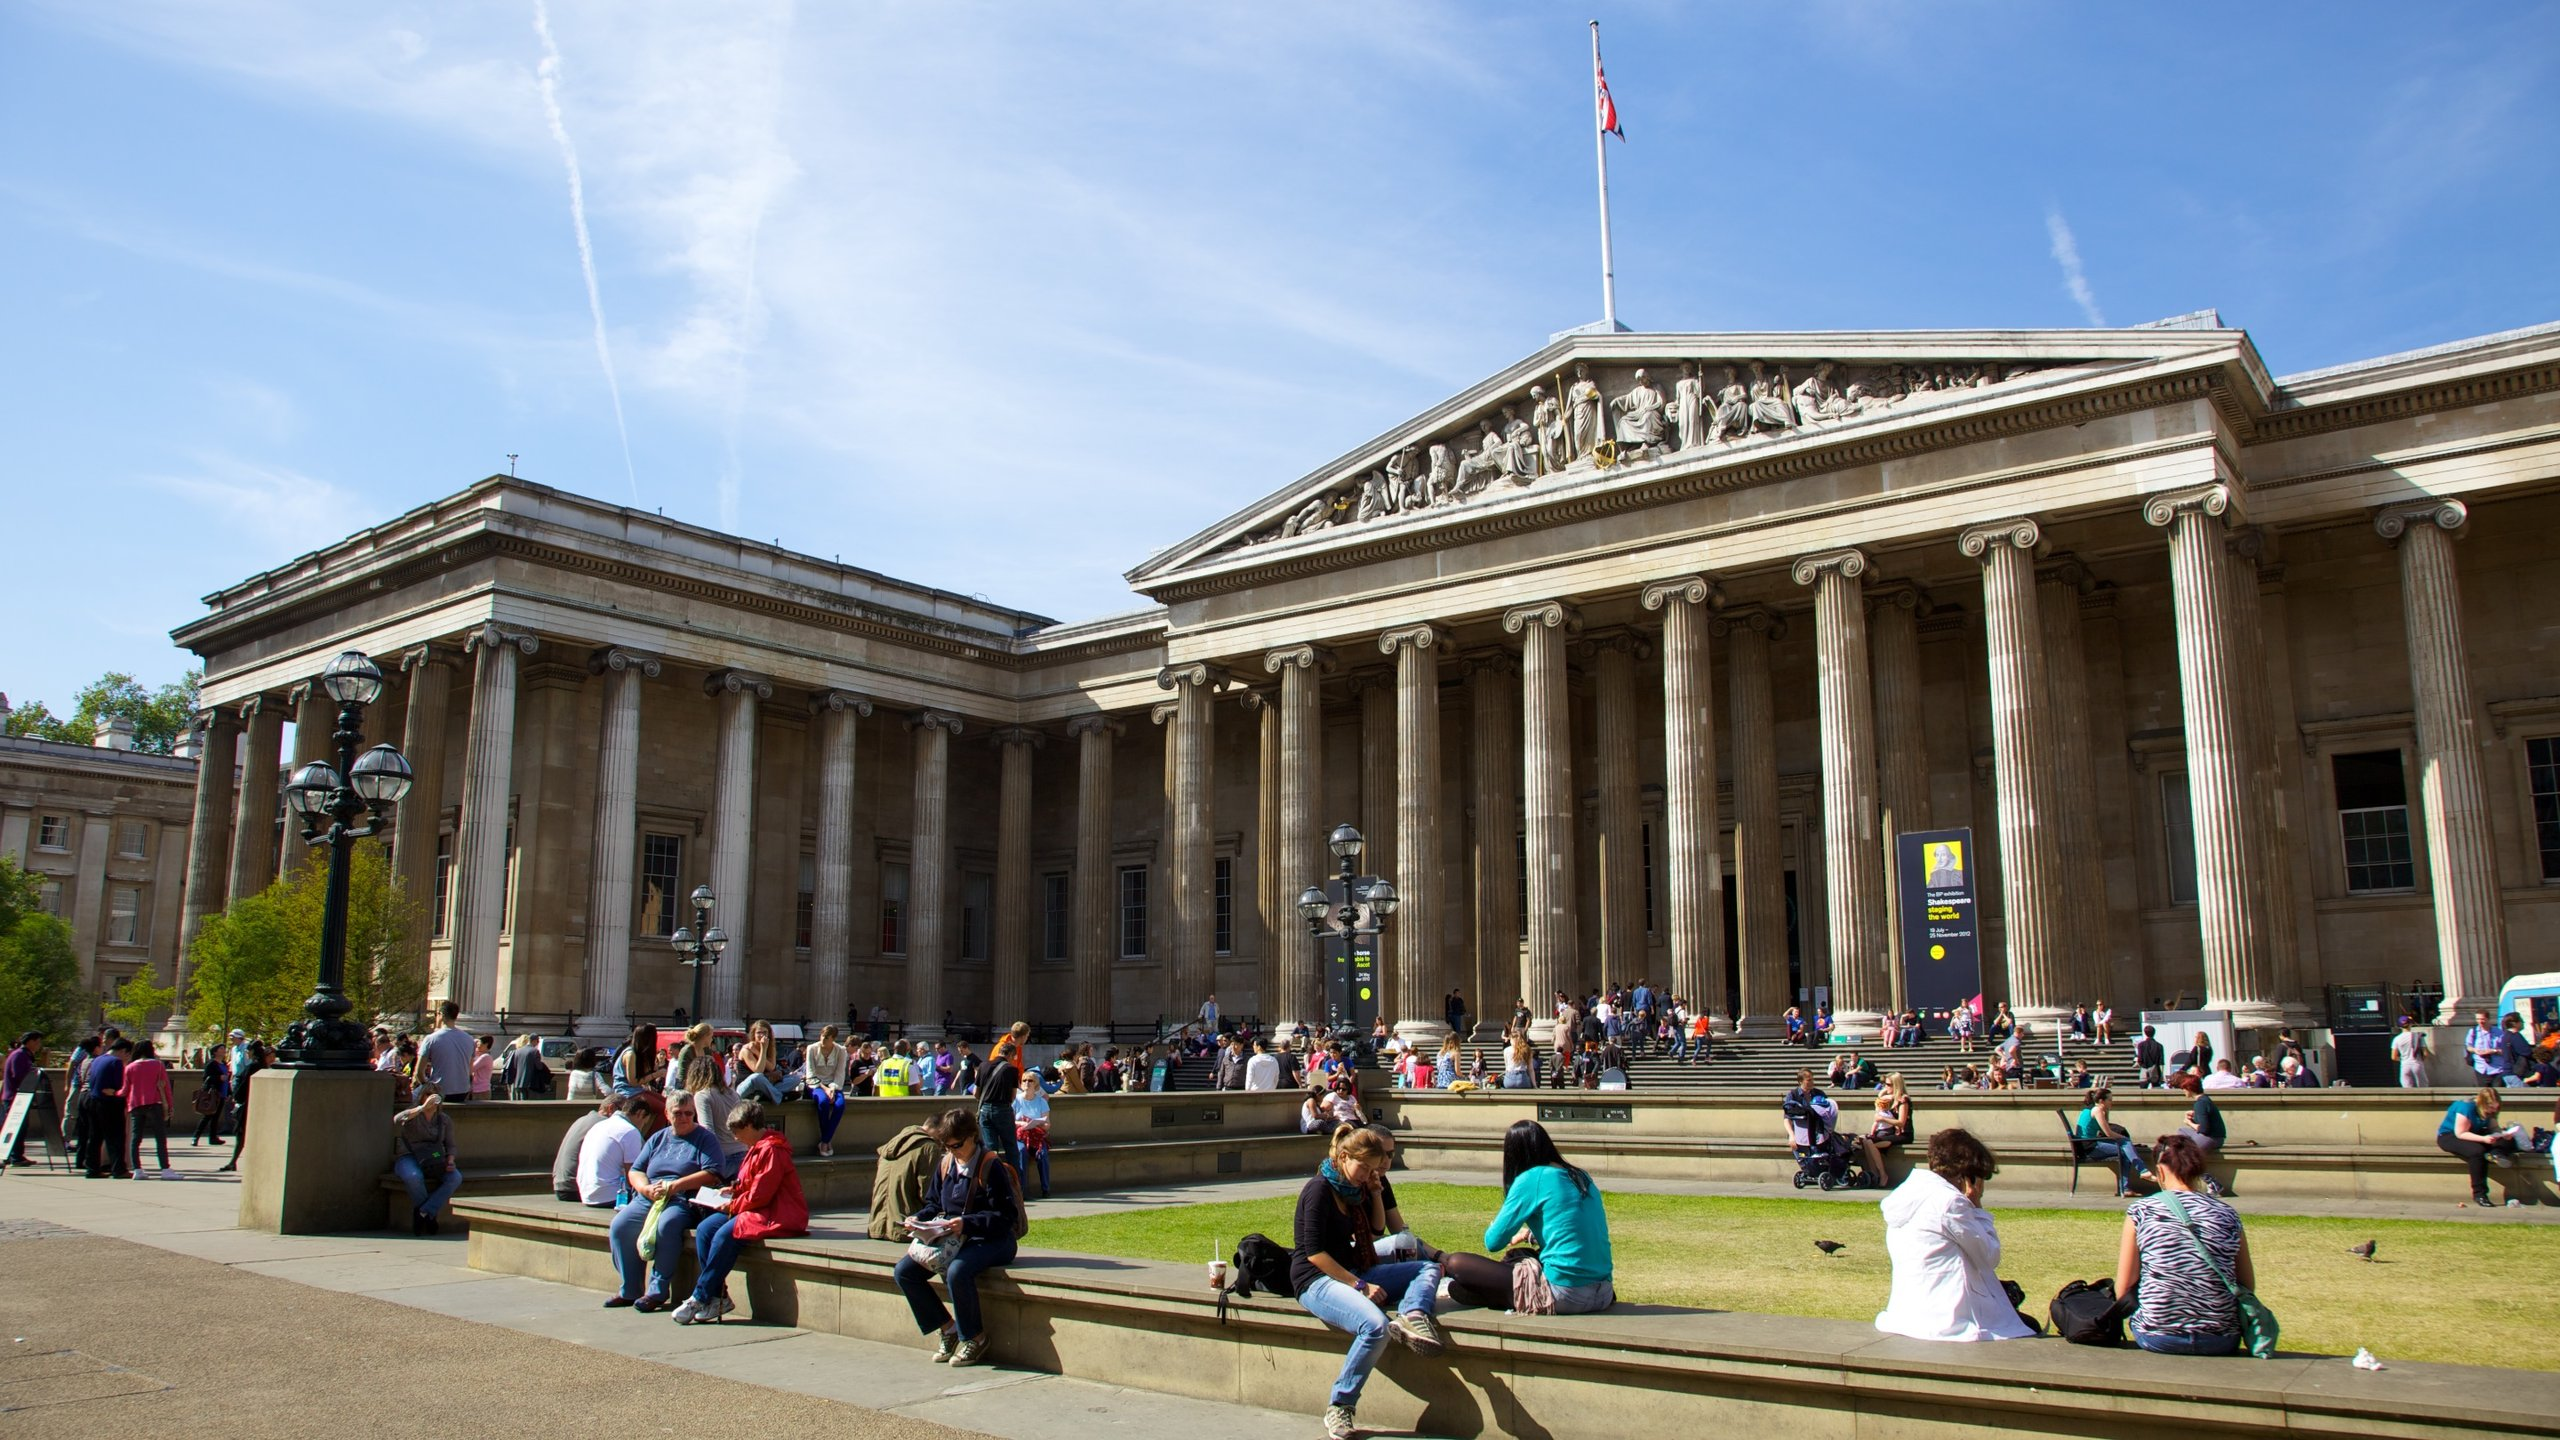 """Storbritanniens äldsta museum skapades ursprungligen som """"en samling av kuriosa"""" men har växt till en skattkammare full av mänsklighetens största bedrifter."""